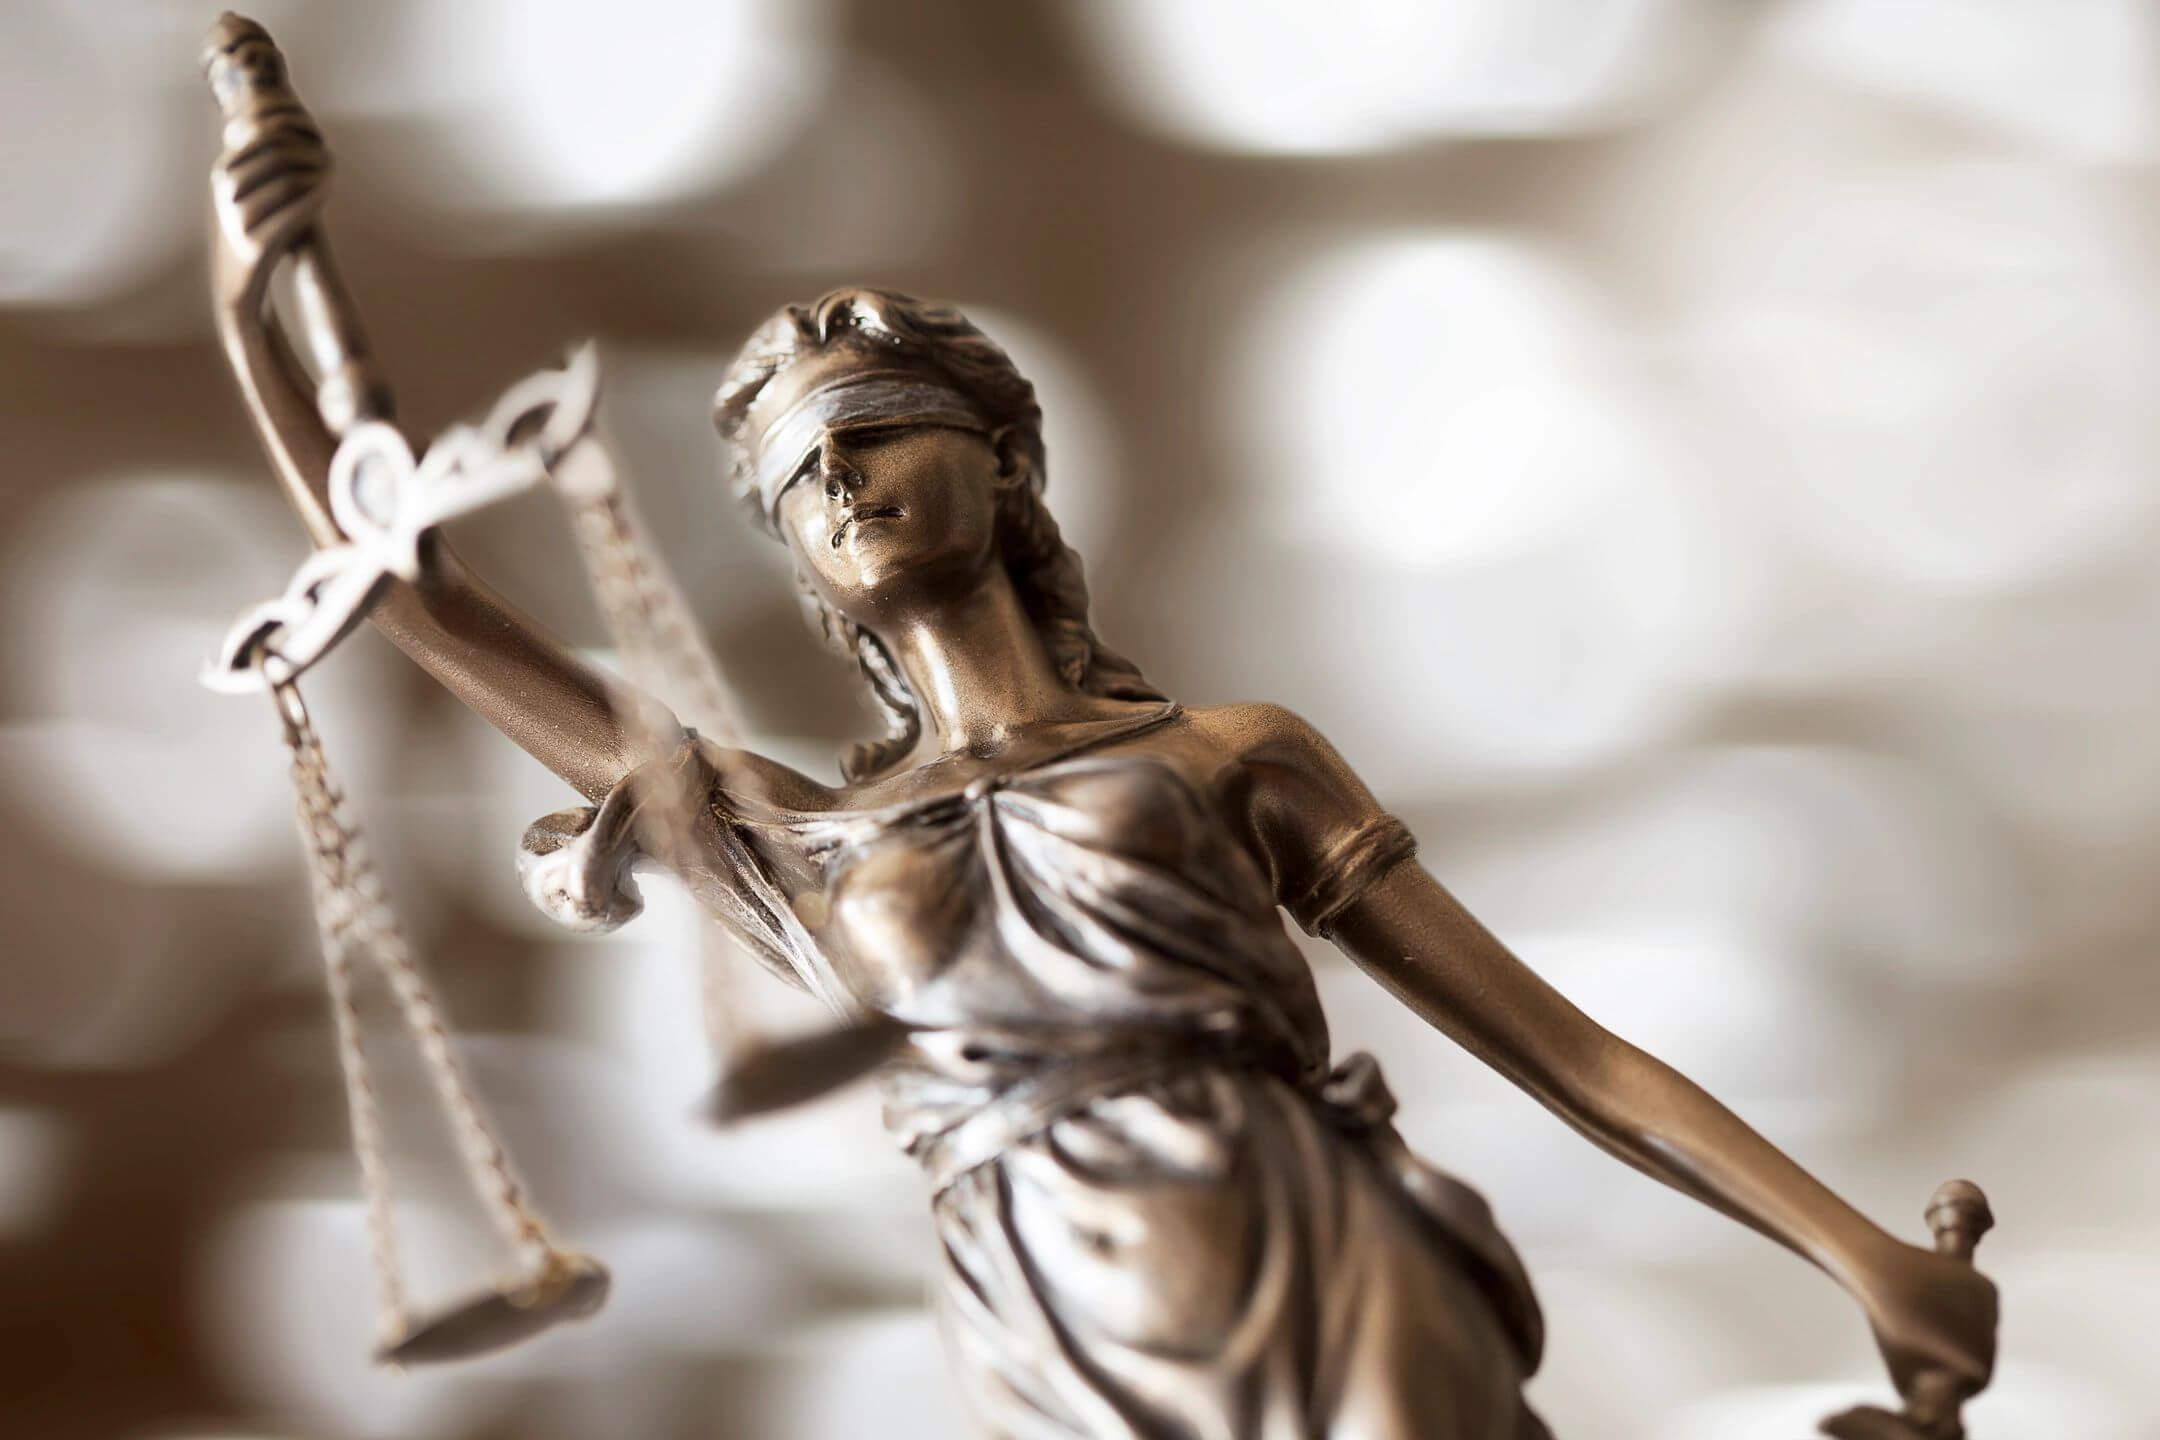 Public Defender vs. Paid Attorney